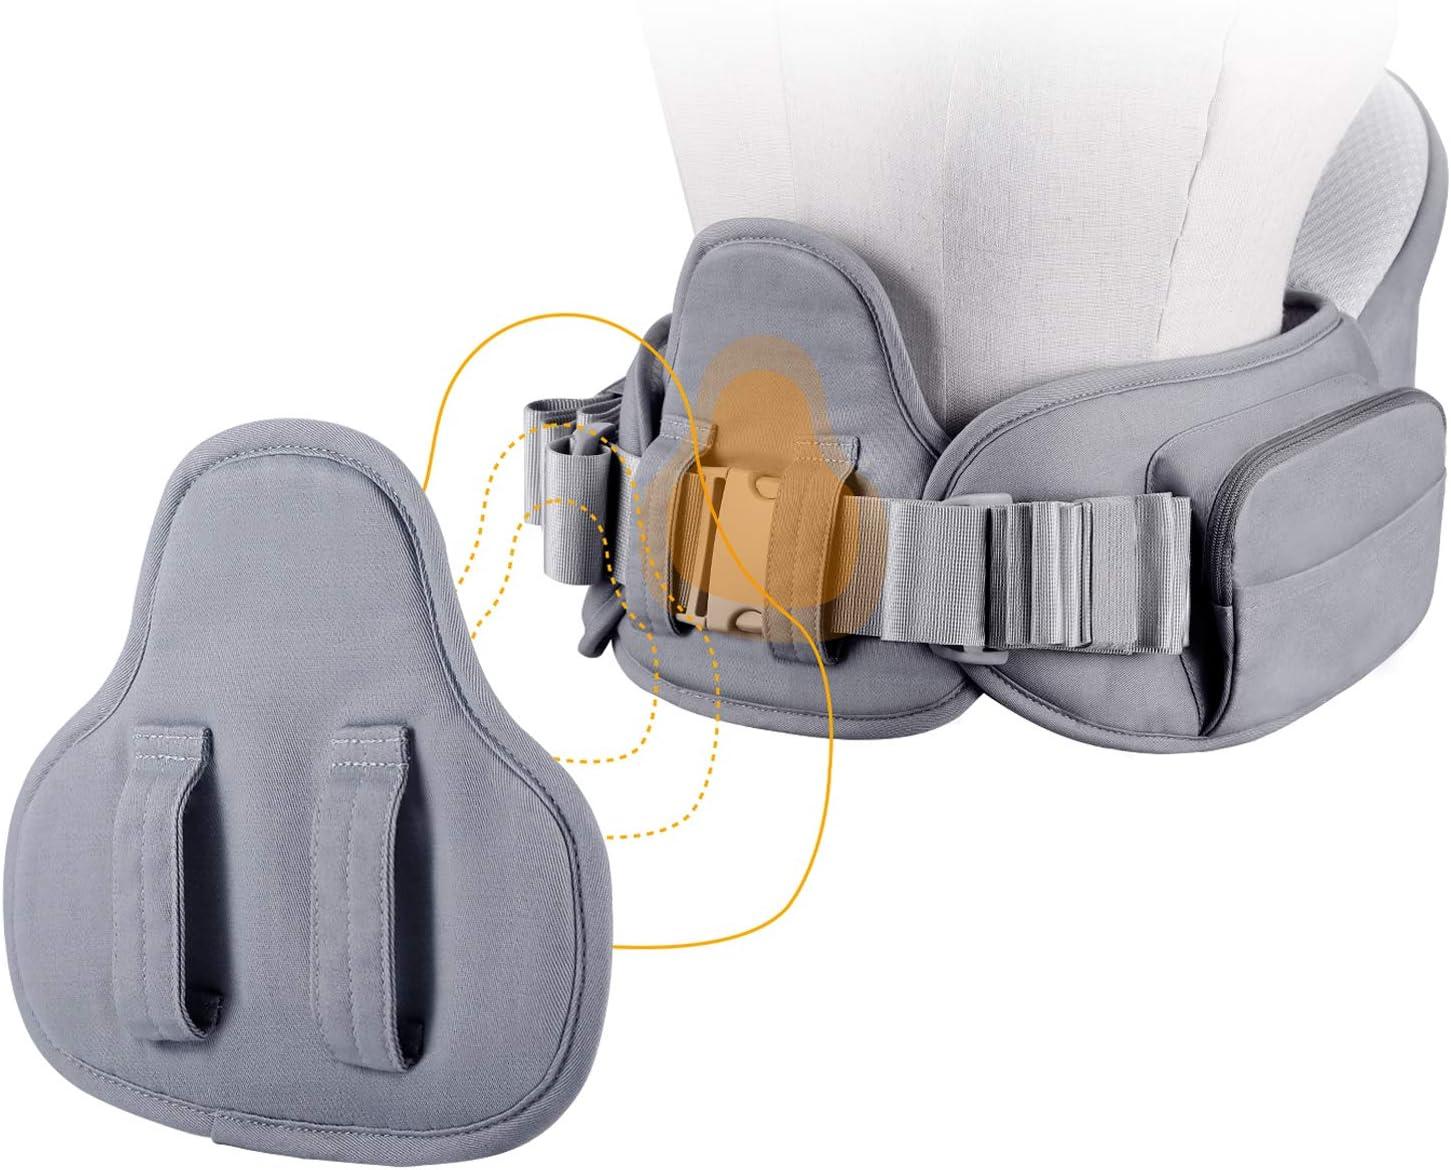 GAGAKU Porte-b/éb/é Si/ège de Hanche avec Double Ceinture /à Taille R/églable Ergonomique Ventral Tabouret 4 Positions pour B/éb/é 0-36 Mois